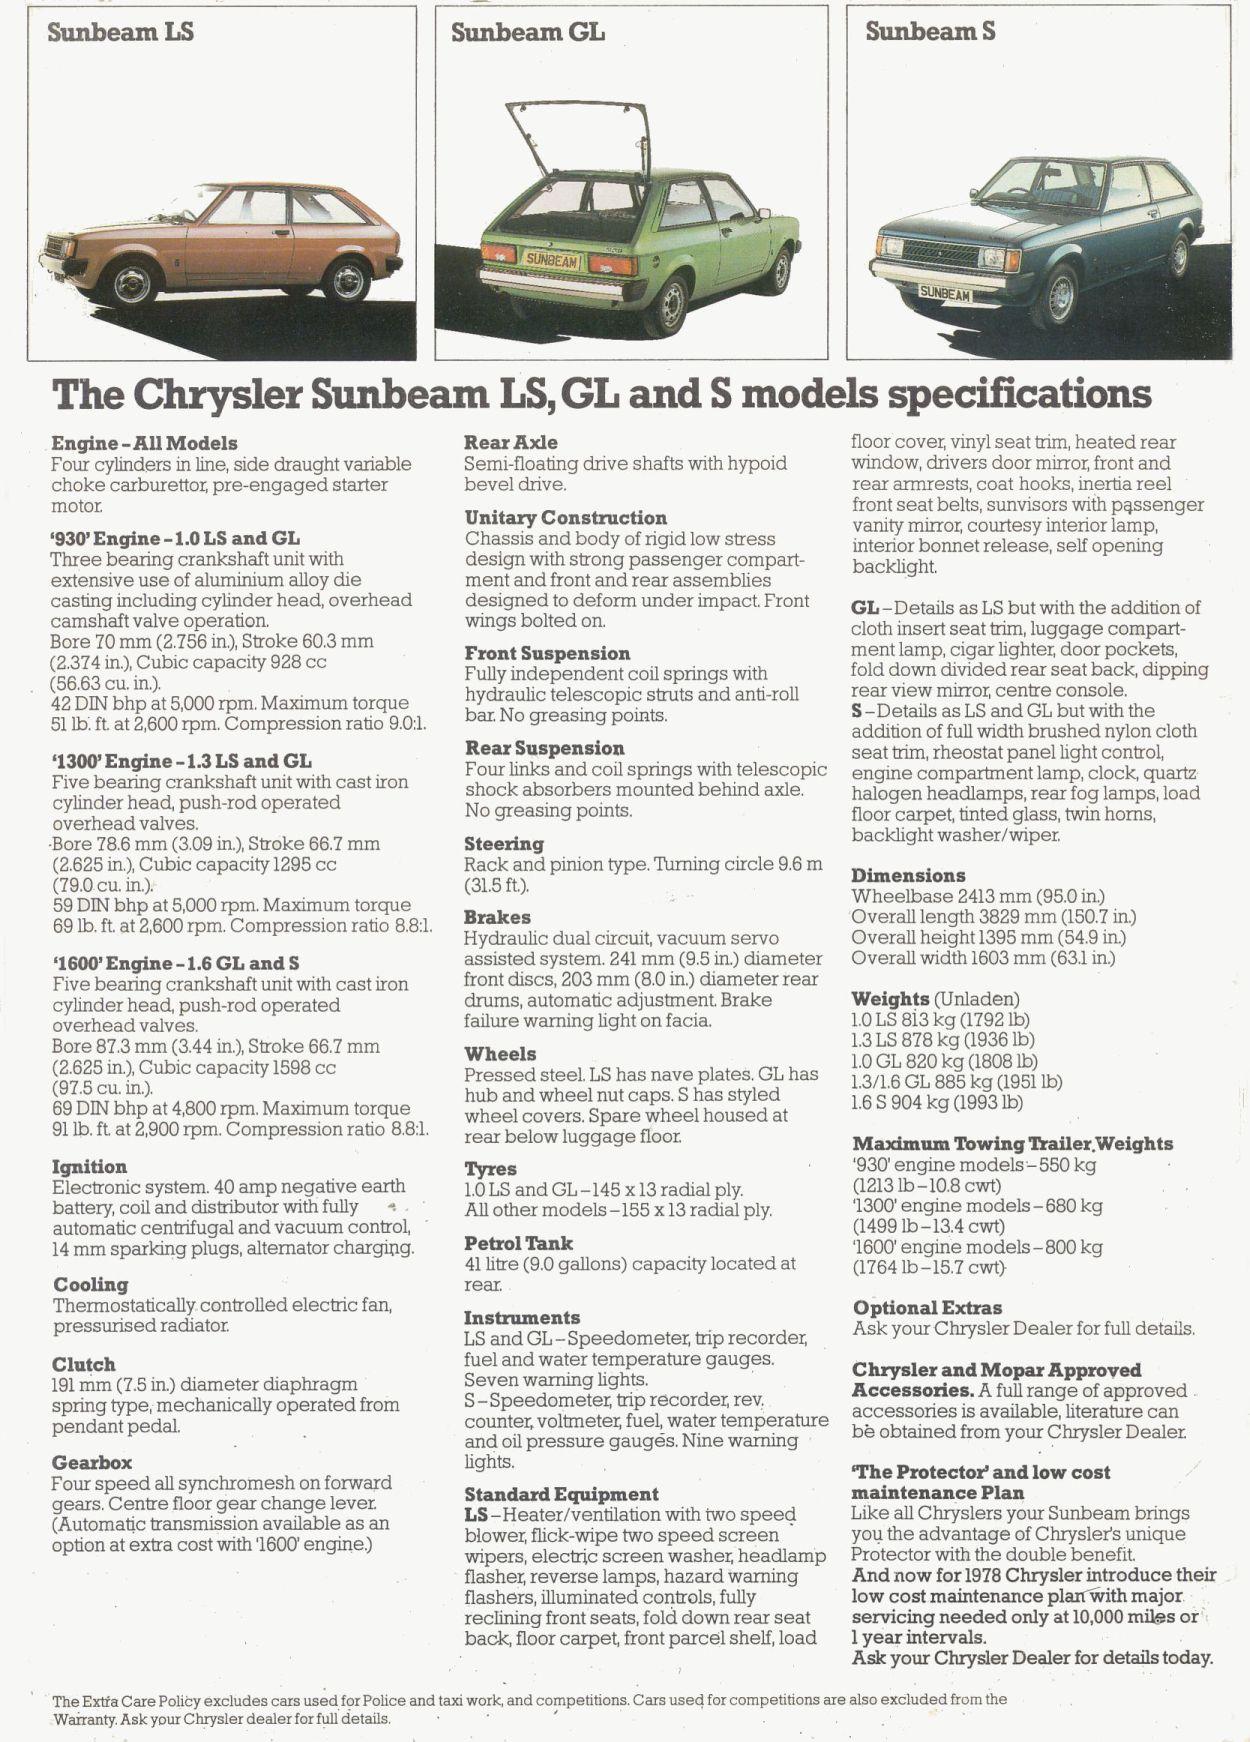 1977 Chrysler Sunbeam brochure